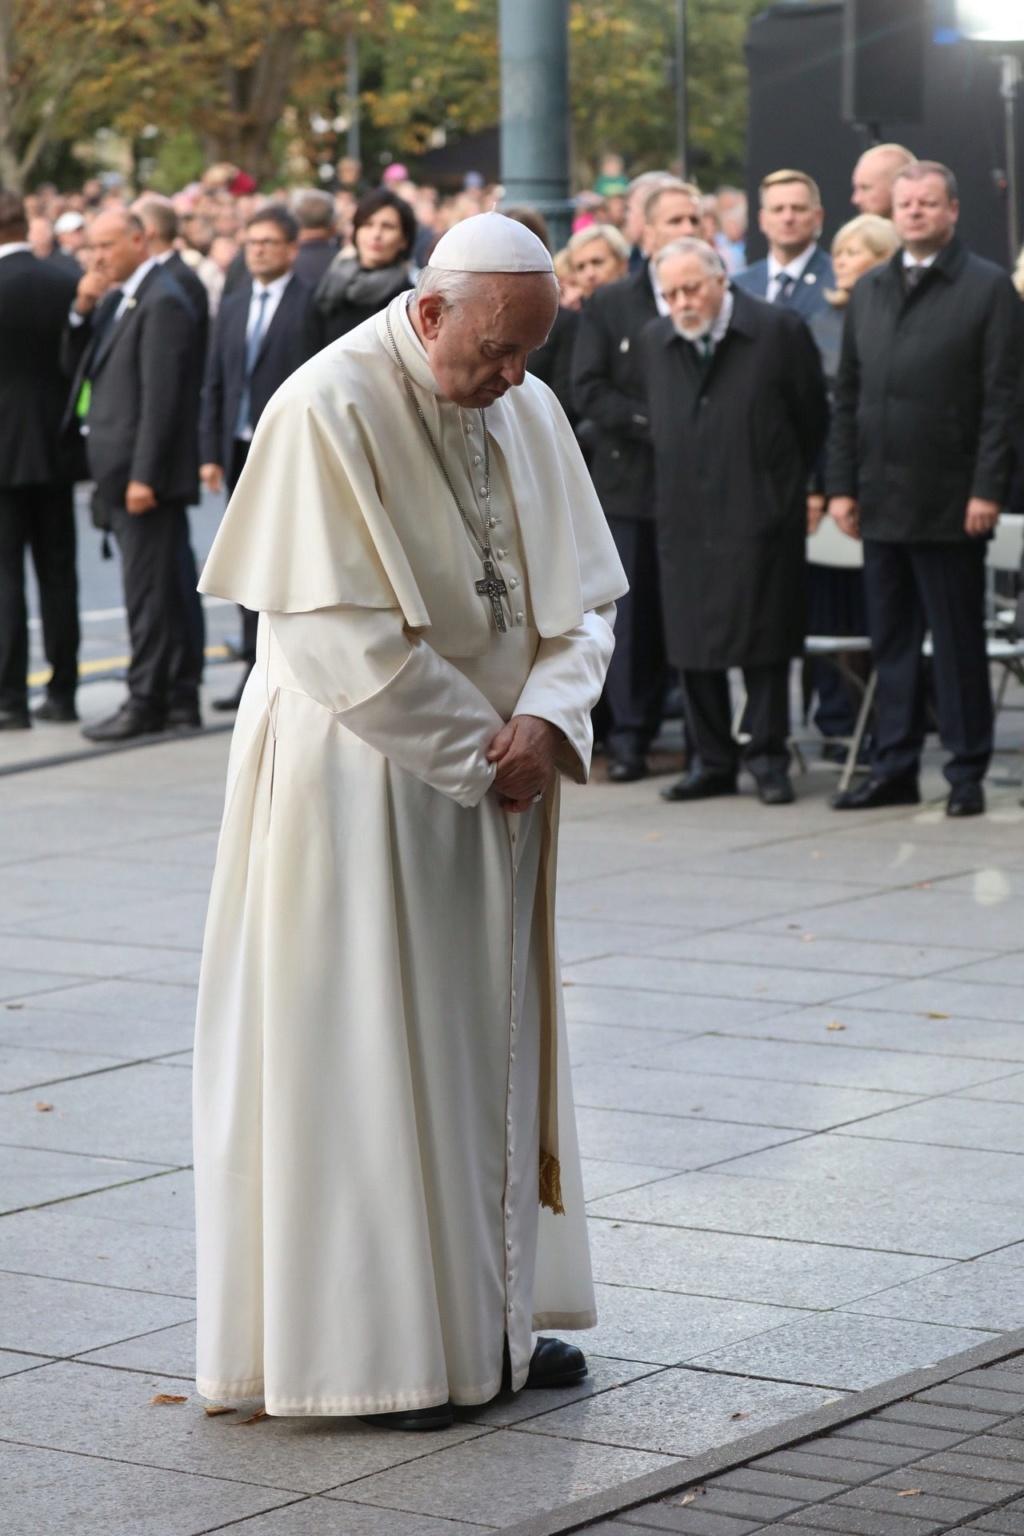 ✟Toute l'Actualité de notre Saint-Père le Pape François✟ - Page 7 Laima-10